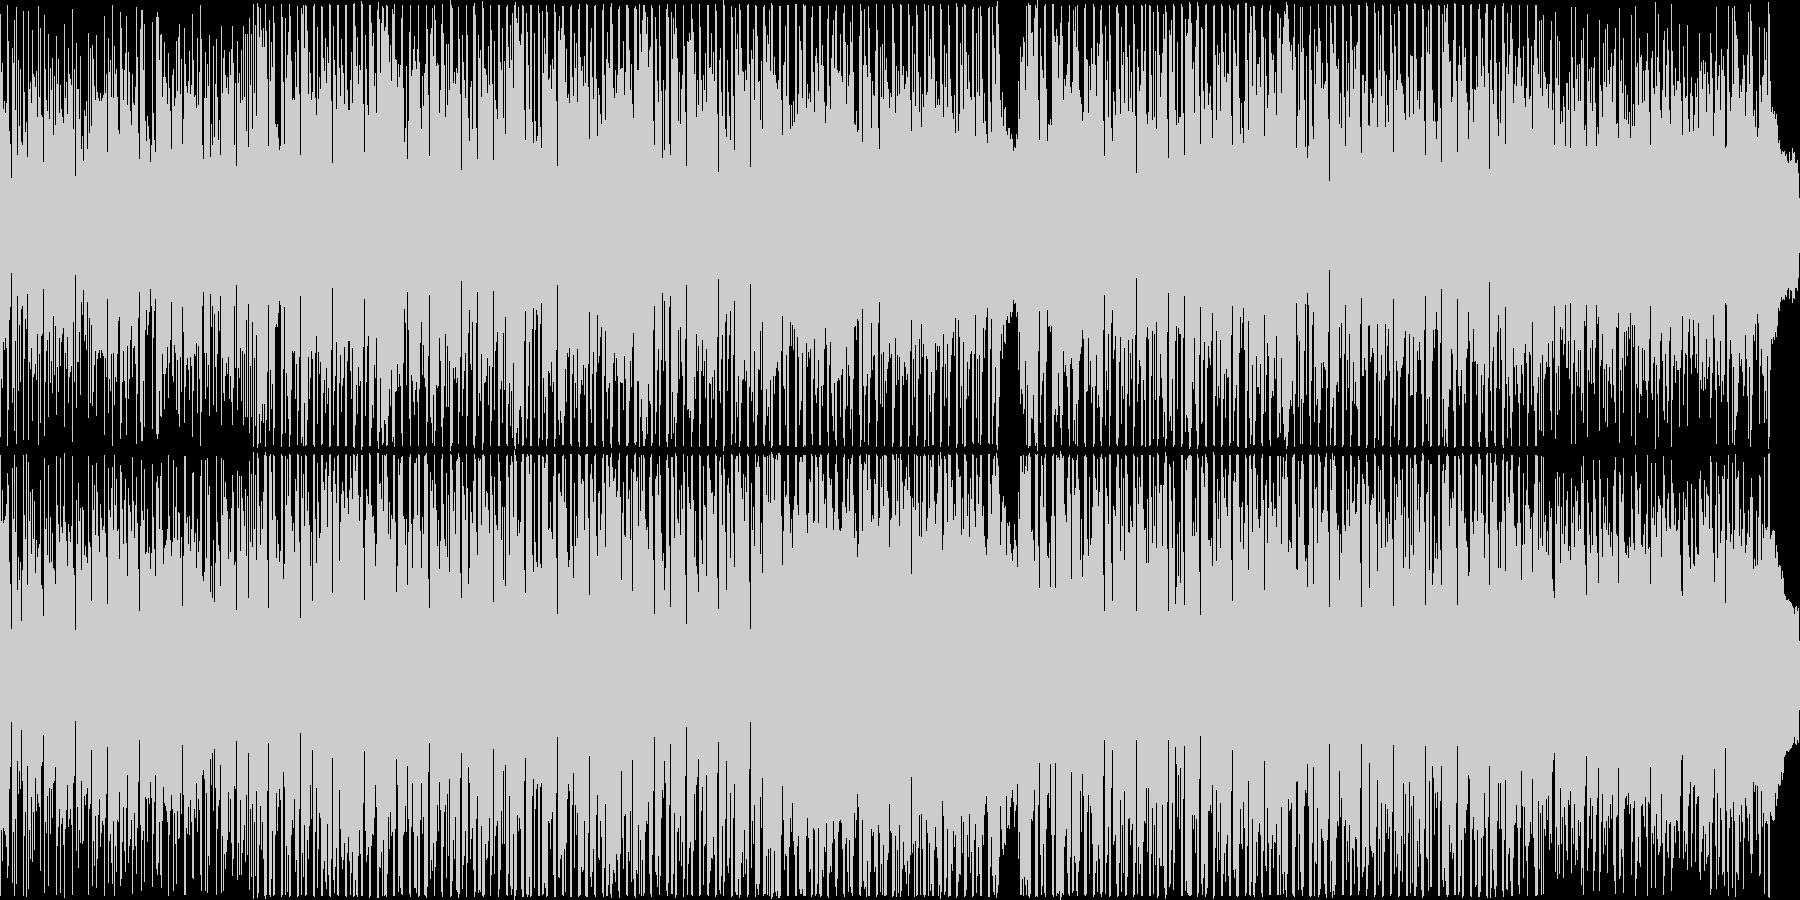 ノリの良い天気予報・ニュース ループ可の未再生の波形